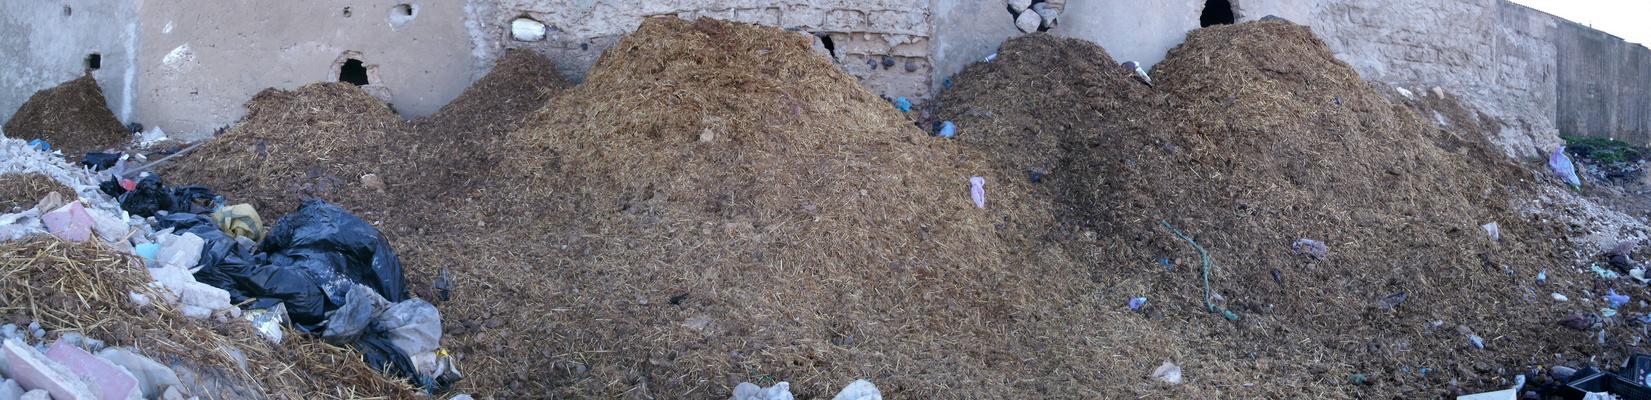 Müllentsorgung auf marokkanisch 2te